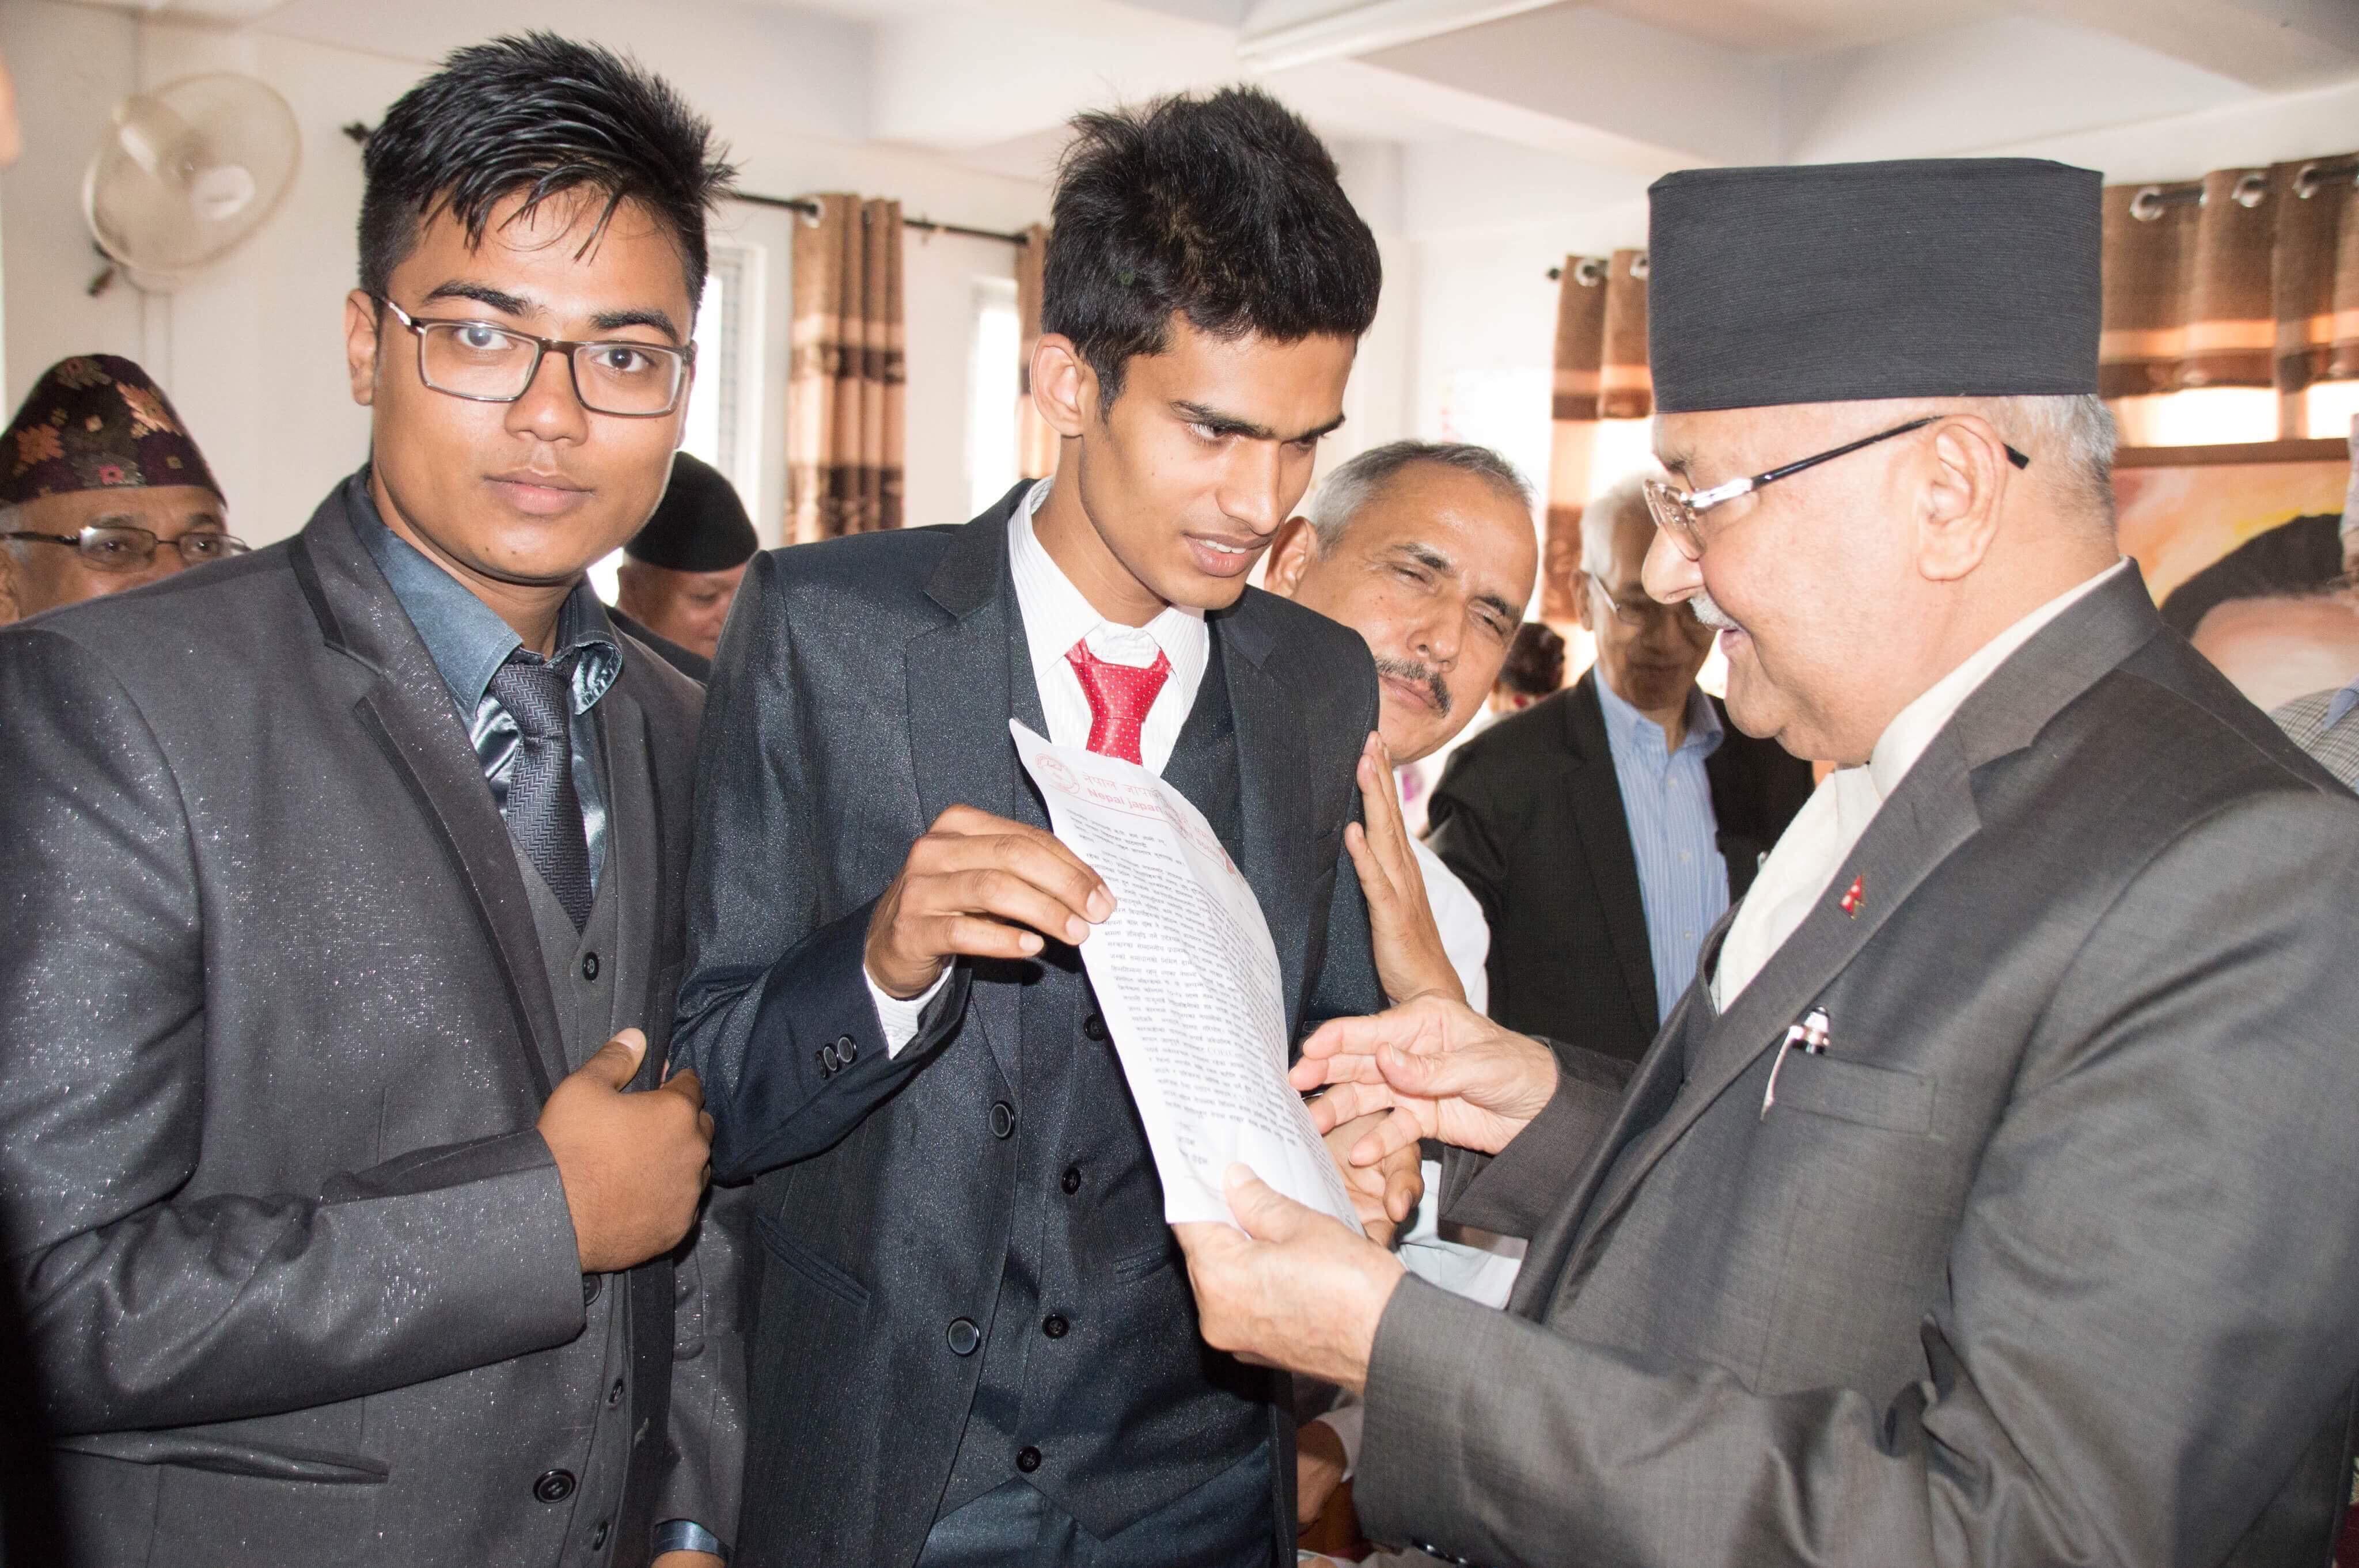 नेपाल जापान बिद्यार्थी समाज